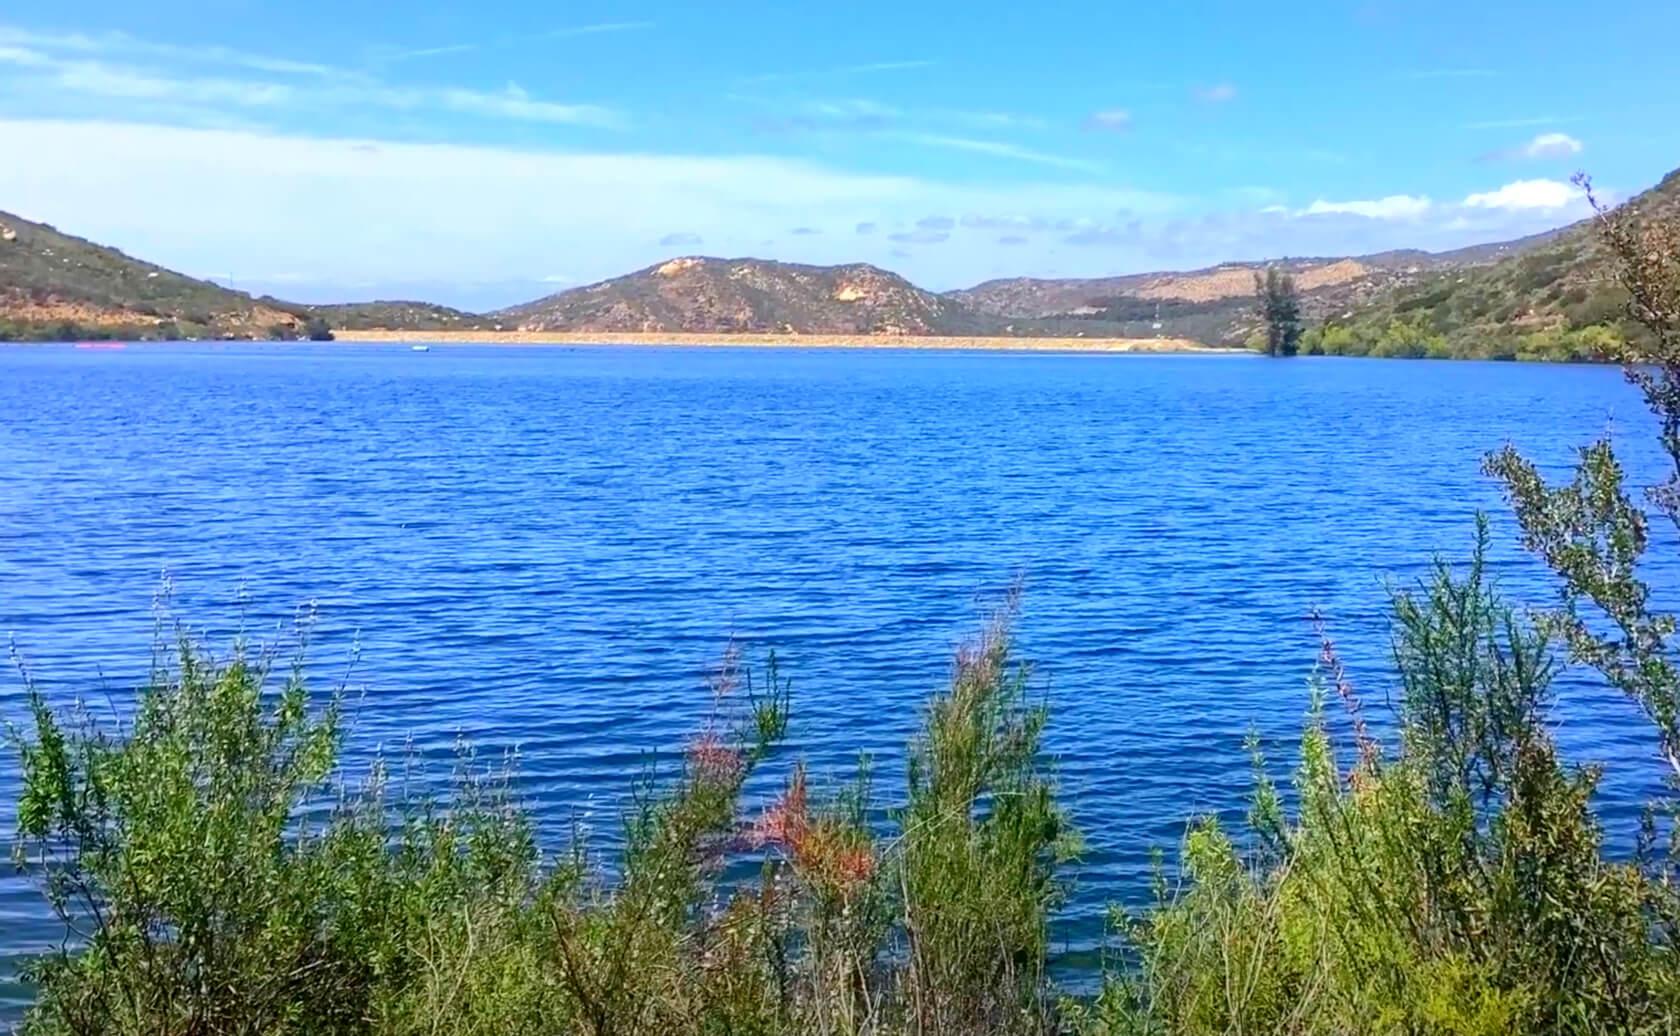 Poway-Lake-Fishing-Guide-Report-California-06